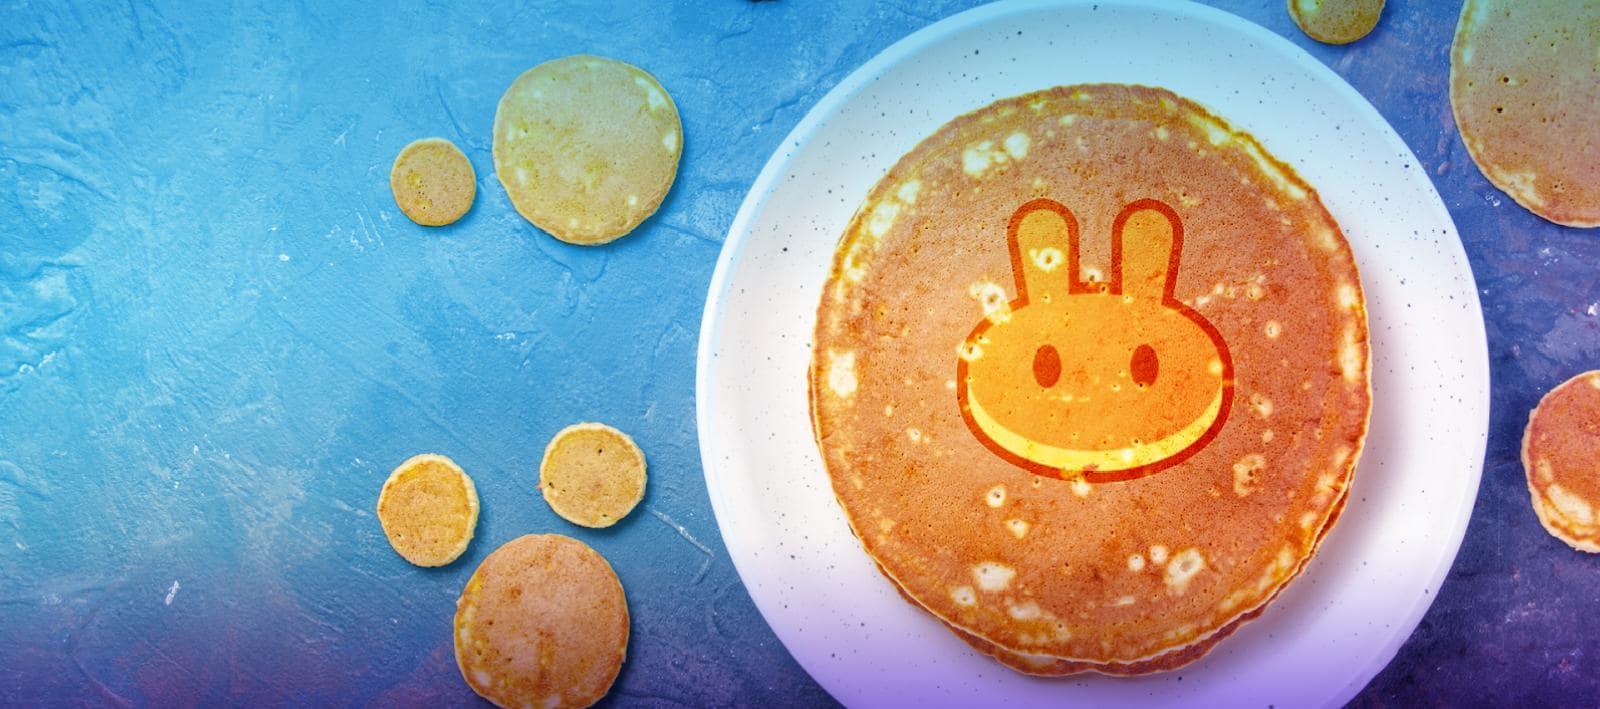 PancakeSwap Artışı Mümkün Mü?